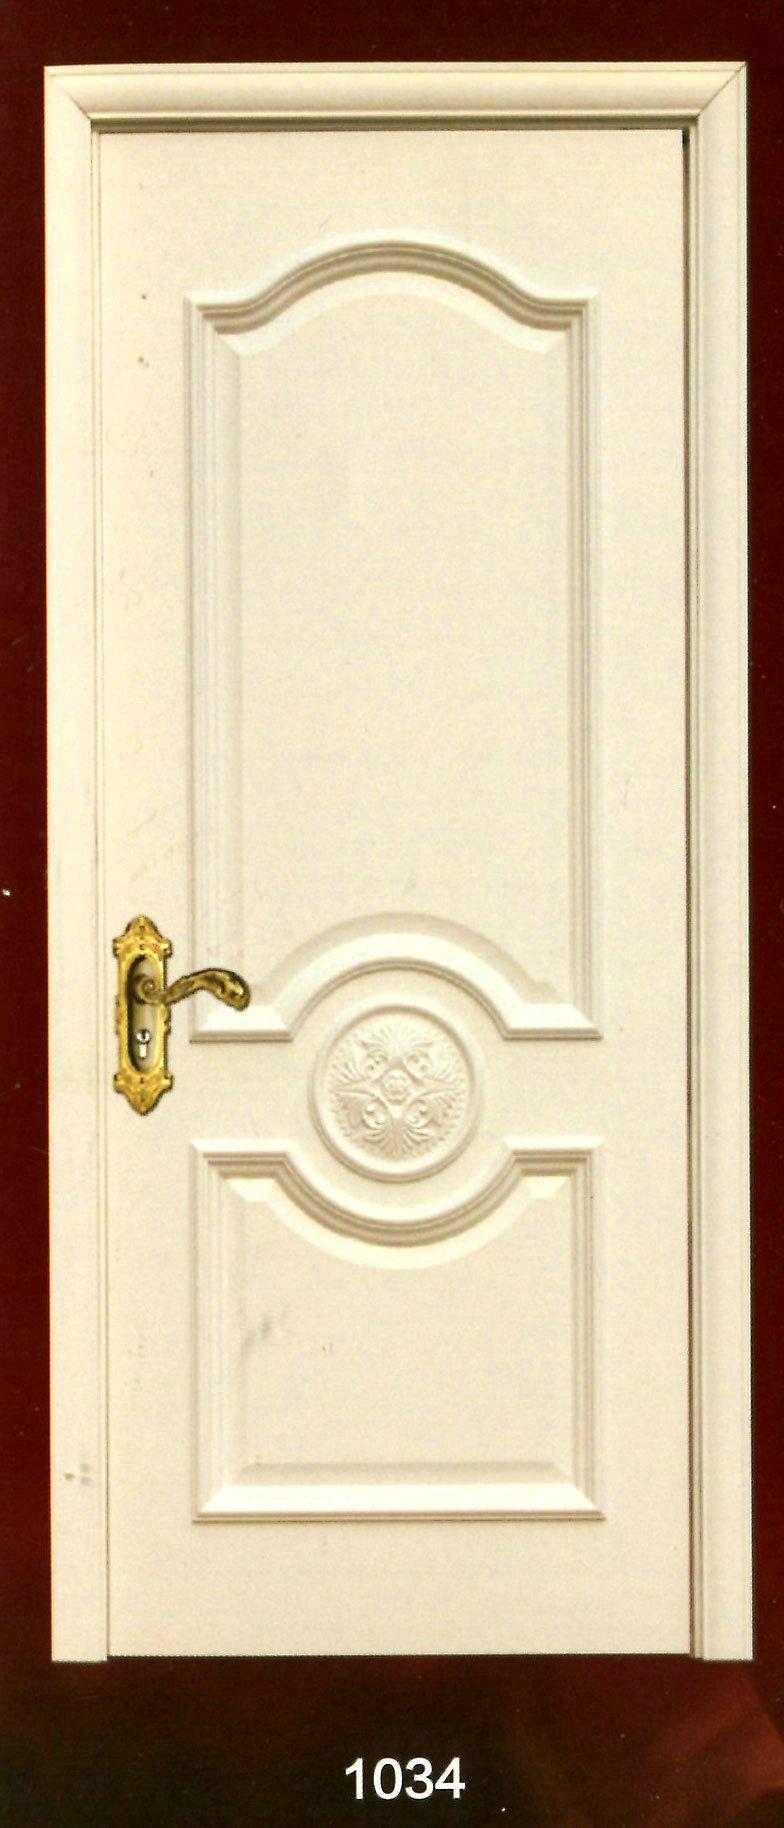 欧式实木门系列 欧式实木门 高档复合烤漆门系列 高档复合烤漆门 色卡